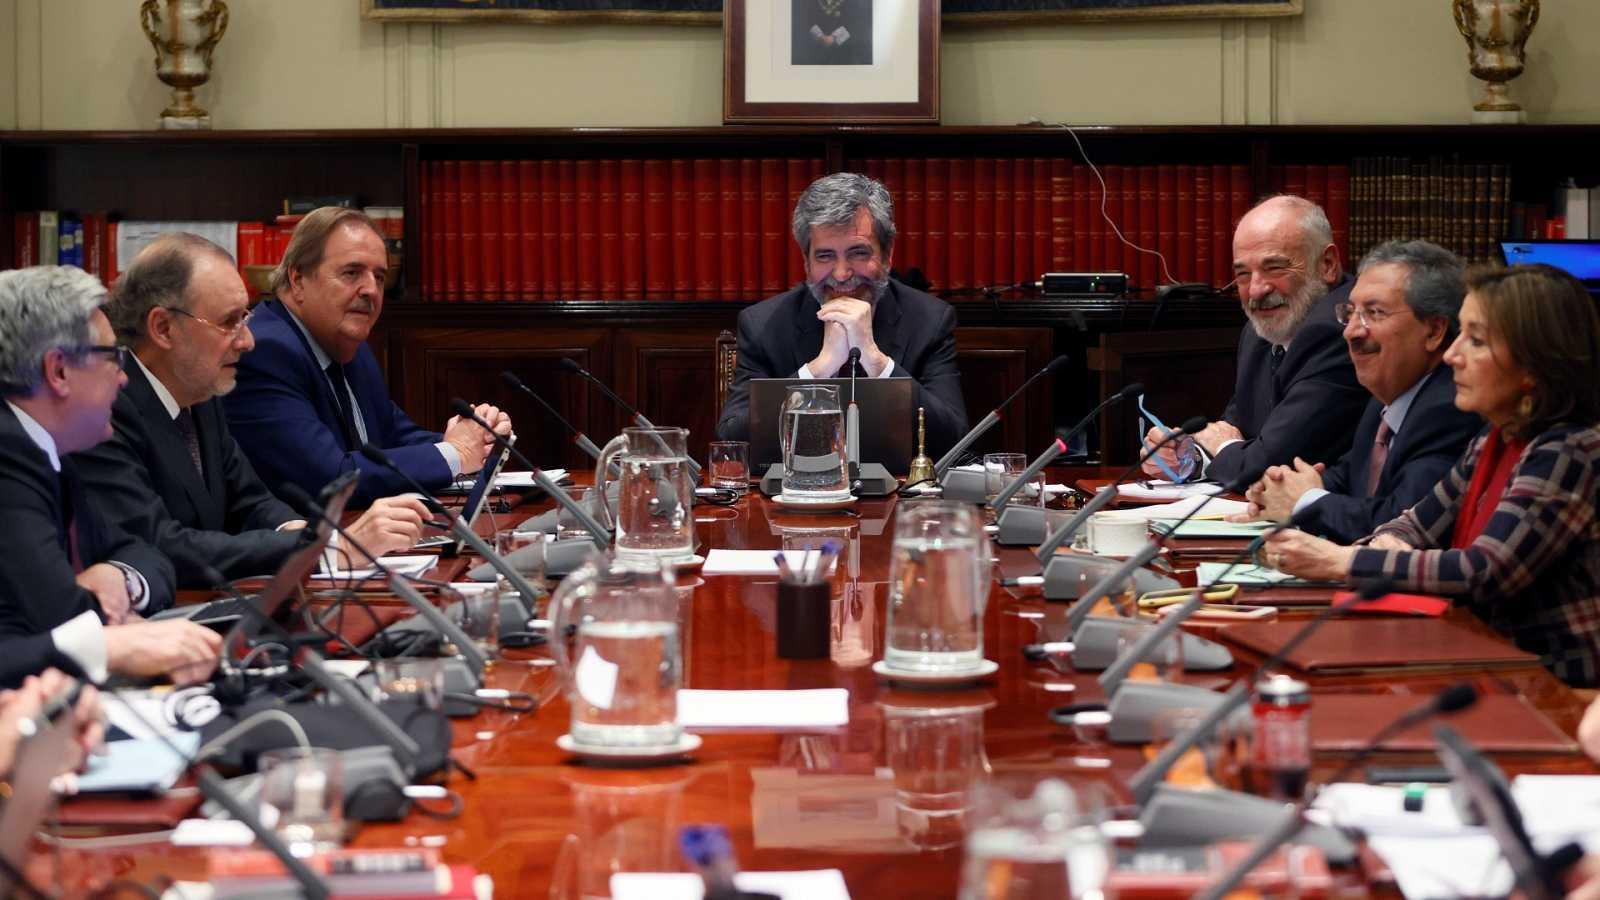 Imagen de archivo de un pleno del CGPJ, presidido por Carlos Lesmes